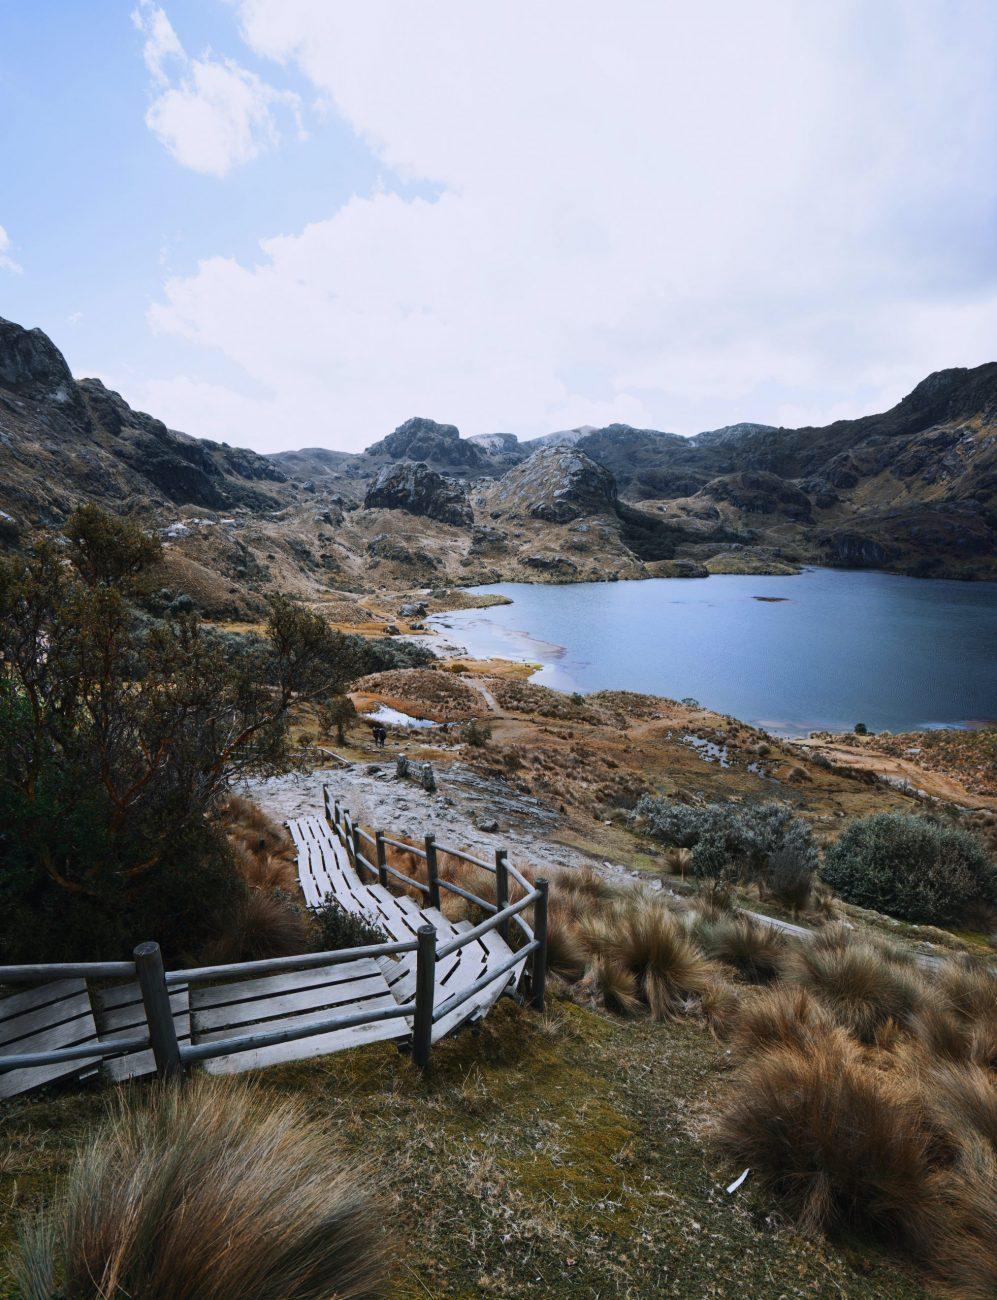 NP Cajas, Cuenca